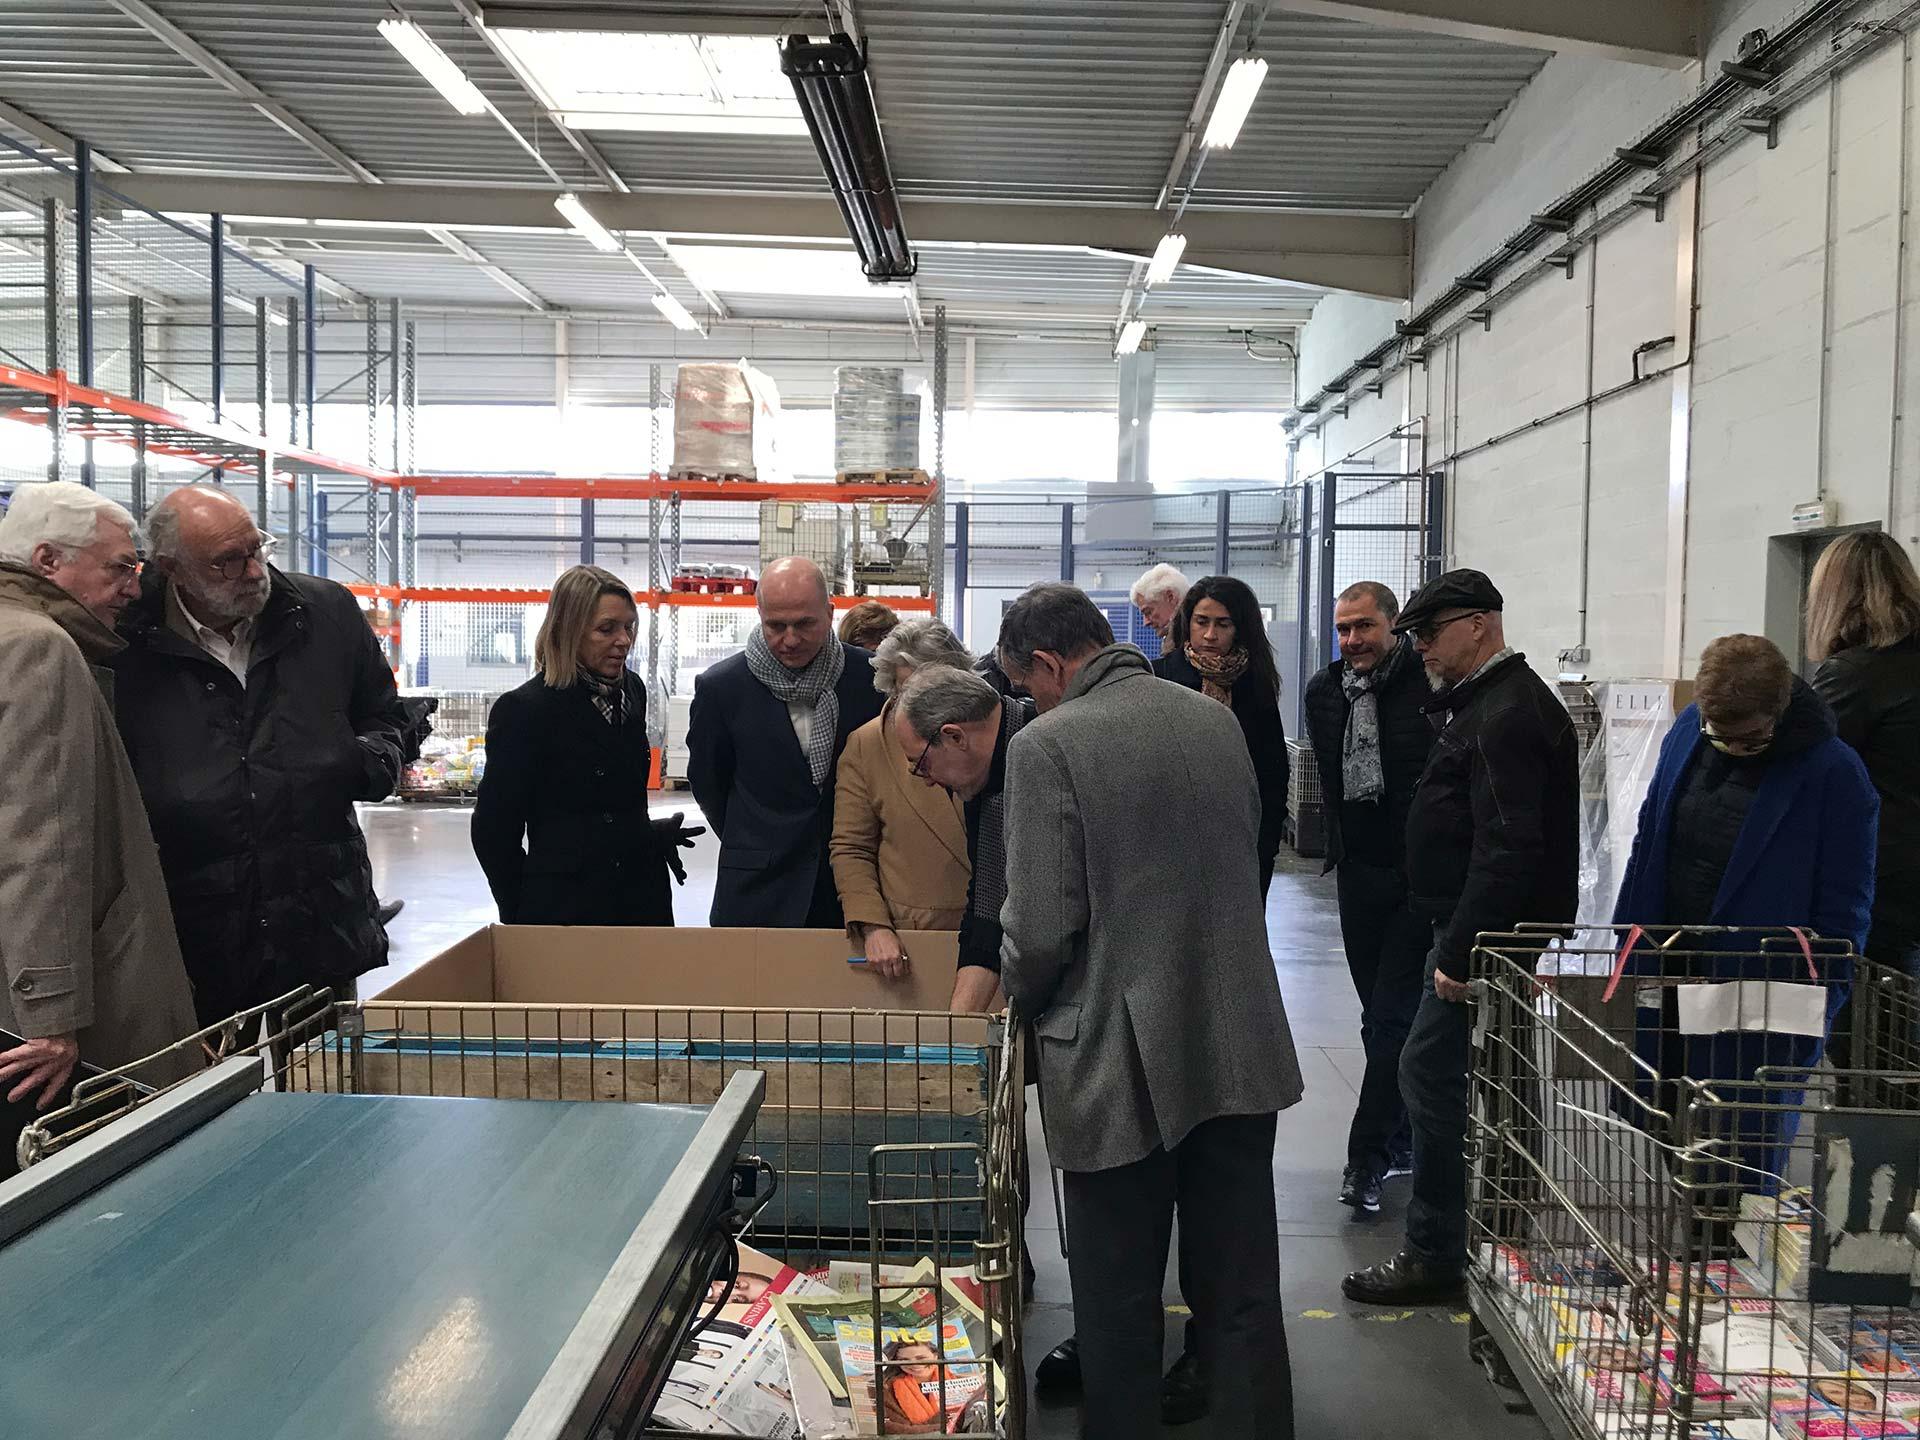 La FNPS visite les locaux du dépositaire de presse Yvelines Distribution Services